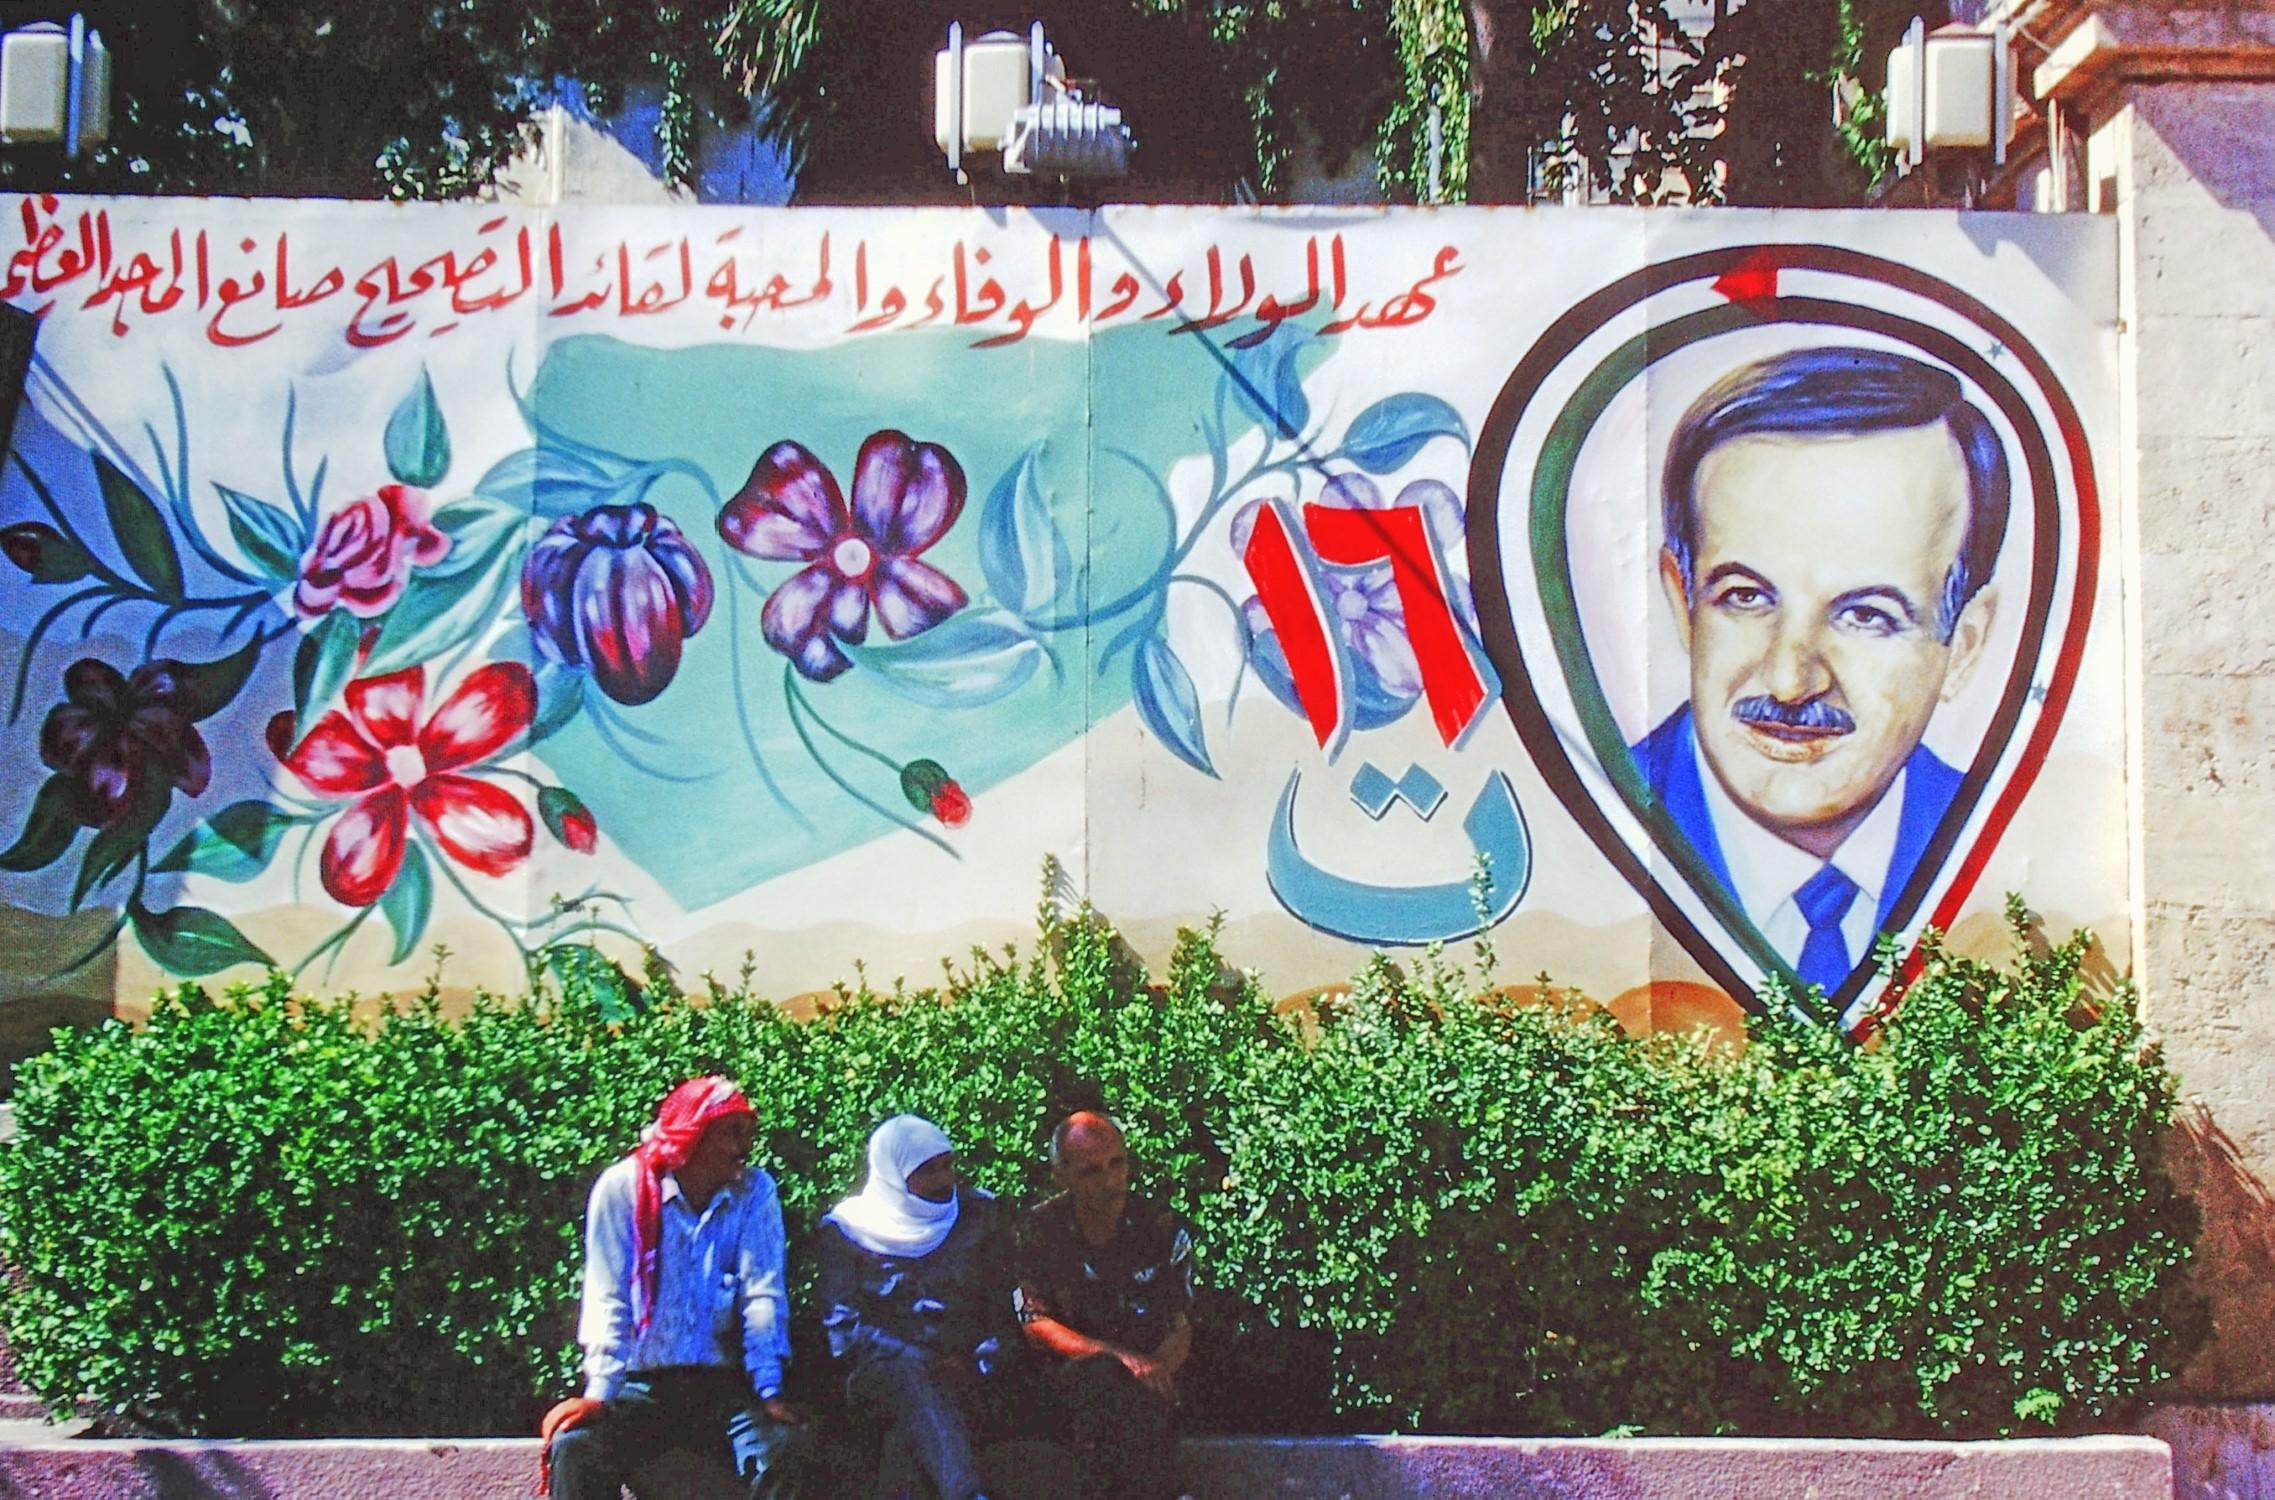 Street art in Aleppo